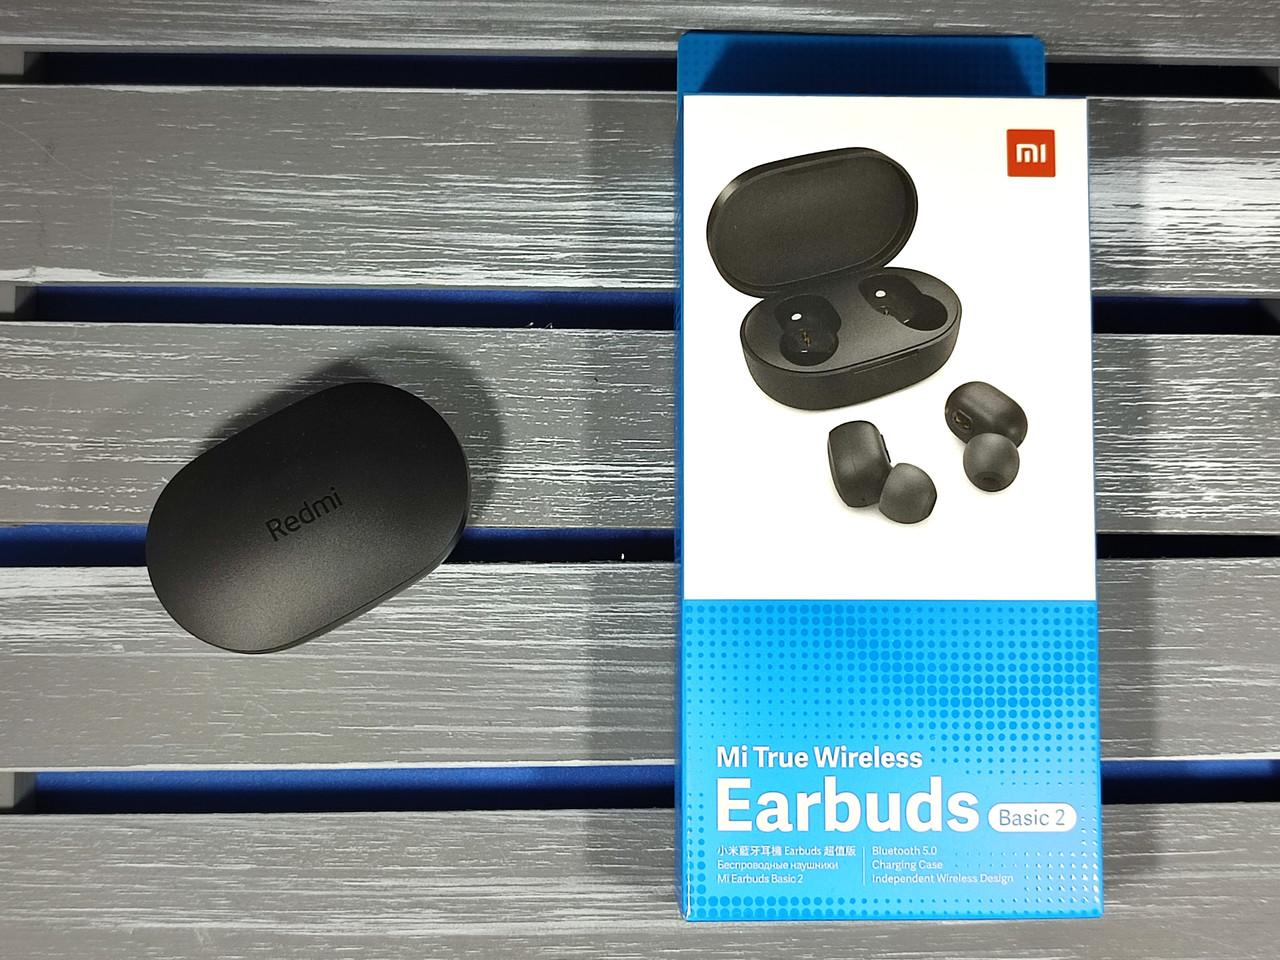 Беспроводные наушники Mi True Wireless Earbuds Basic 2. ОРИГИНАЛ + ГАРАНТИЯ 6 МЕСЯЦЕВ